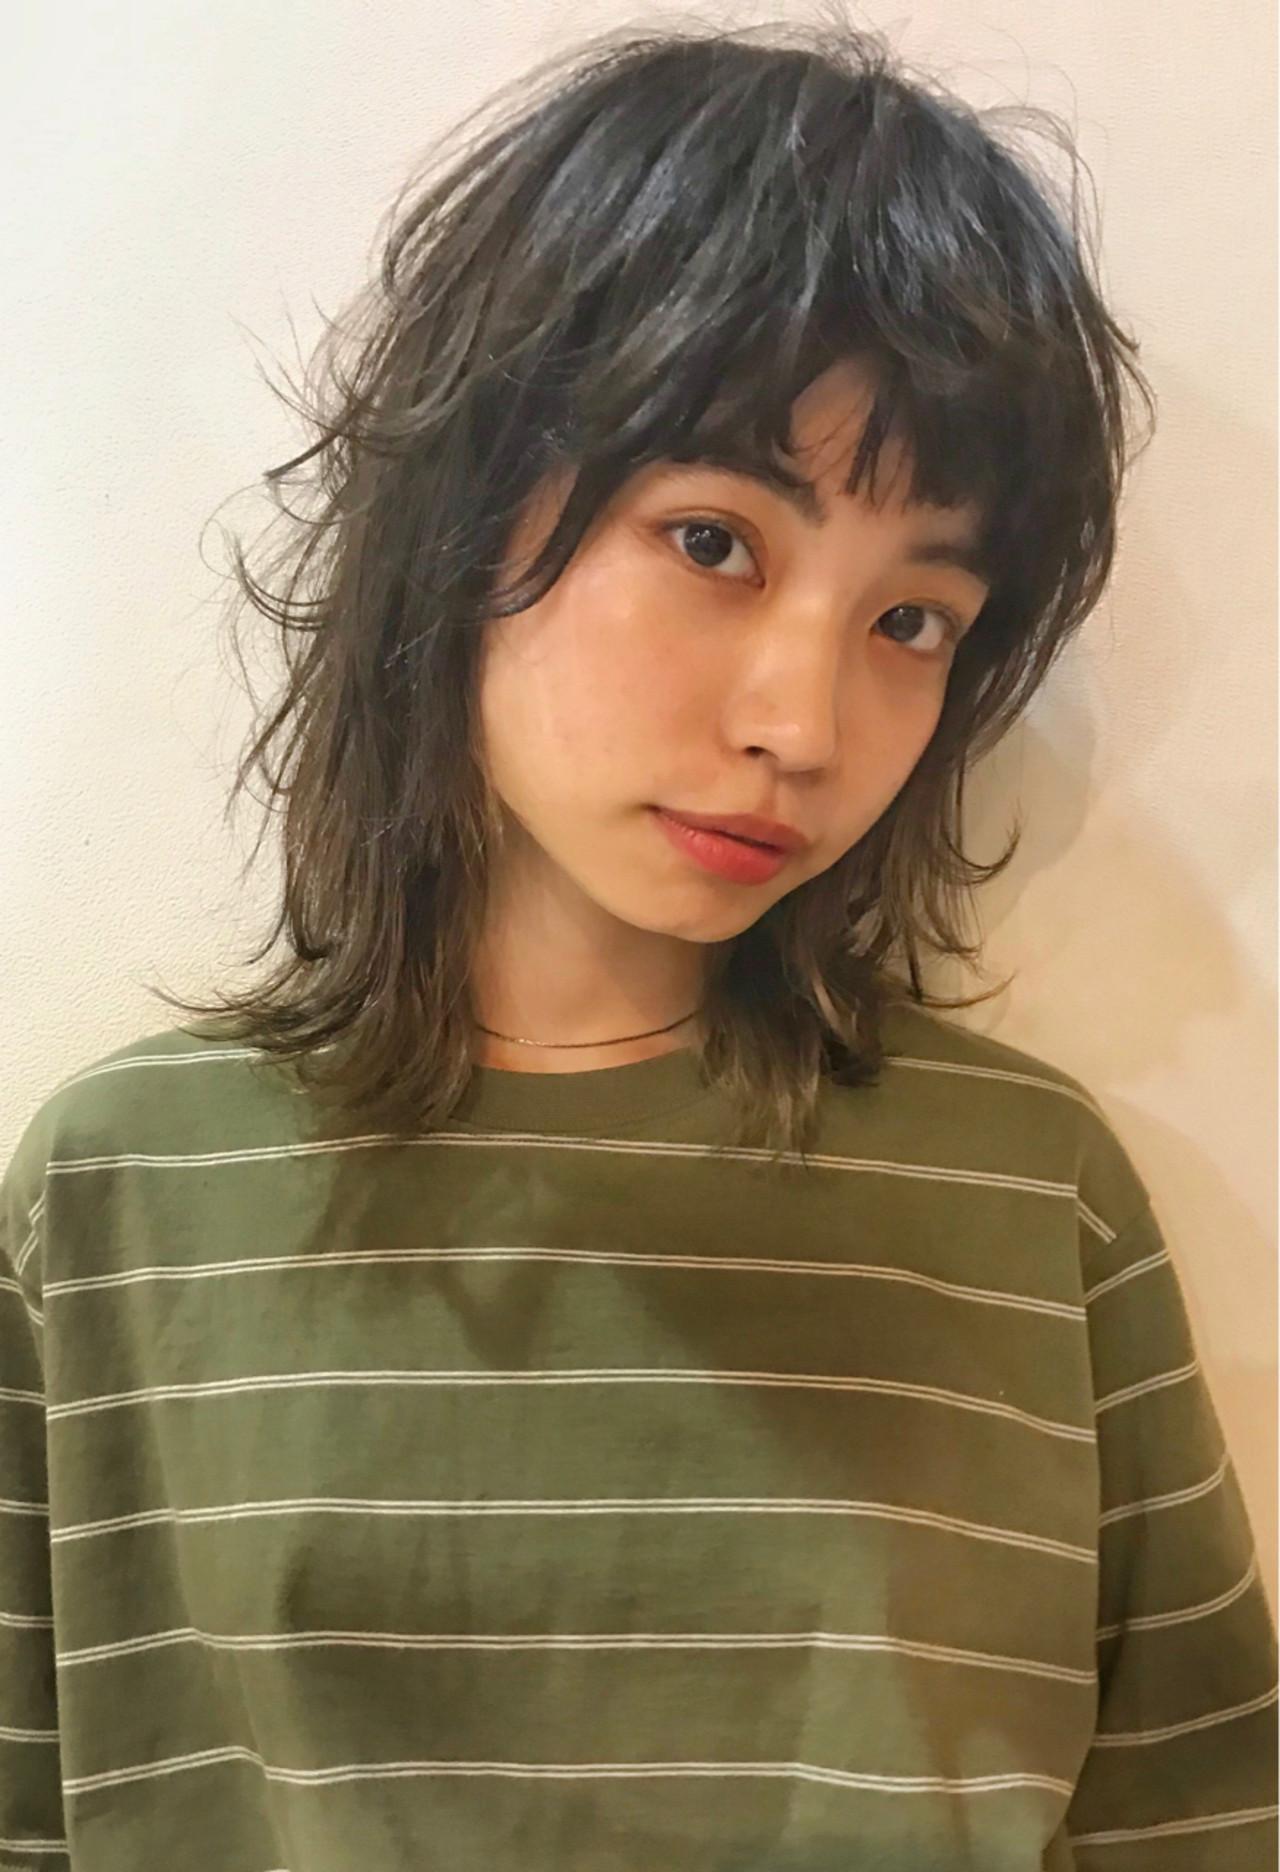 ミディアム アウトドア フェミニン 女子力 ヘアスタイルや髪型の写真・画像